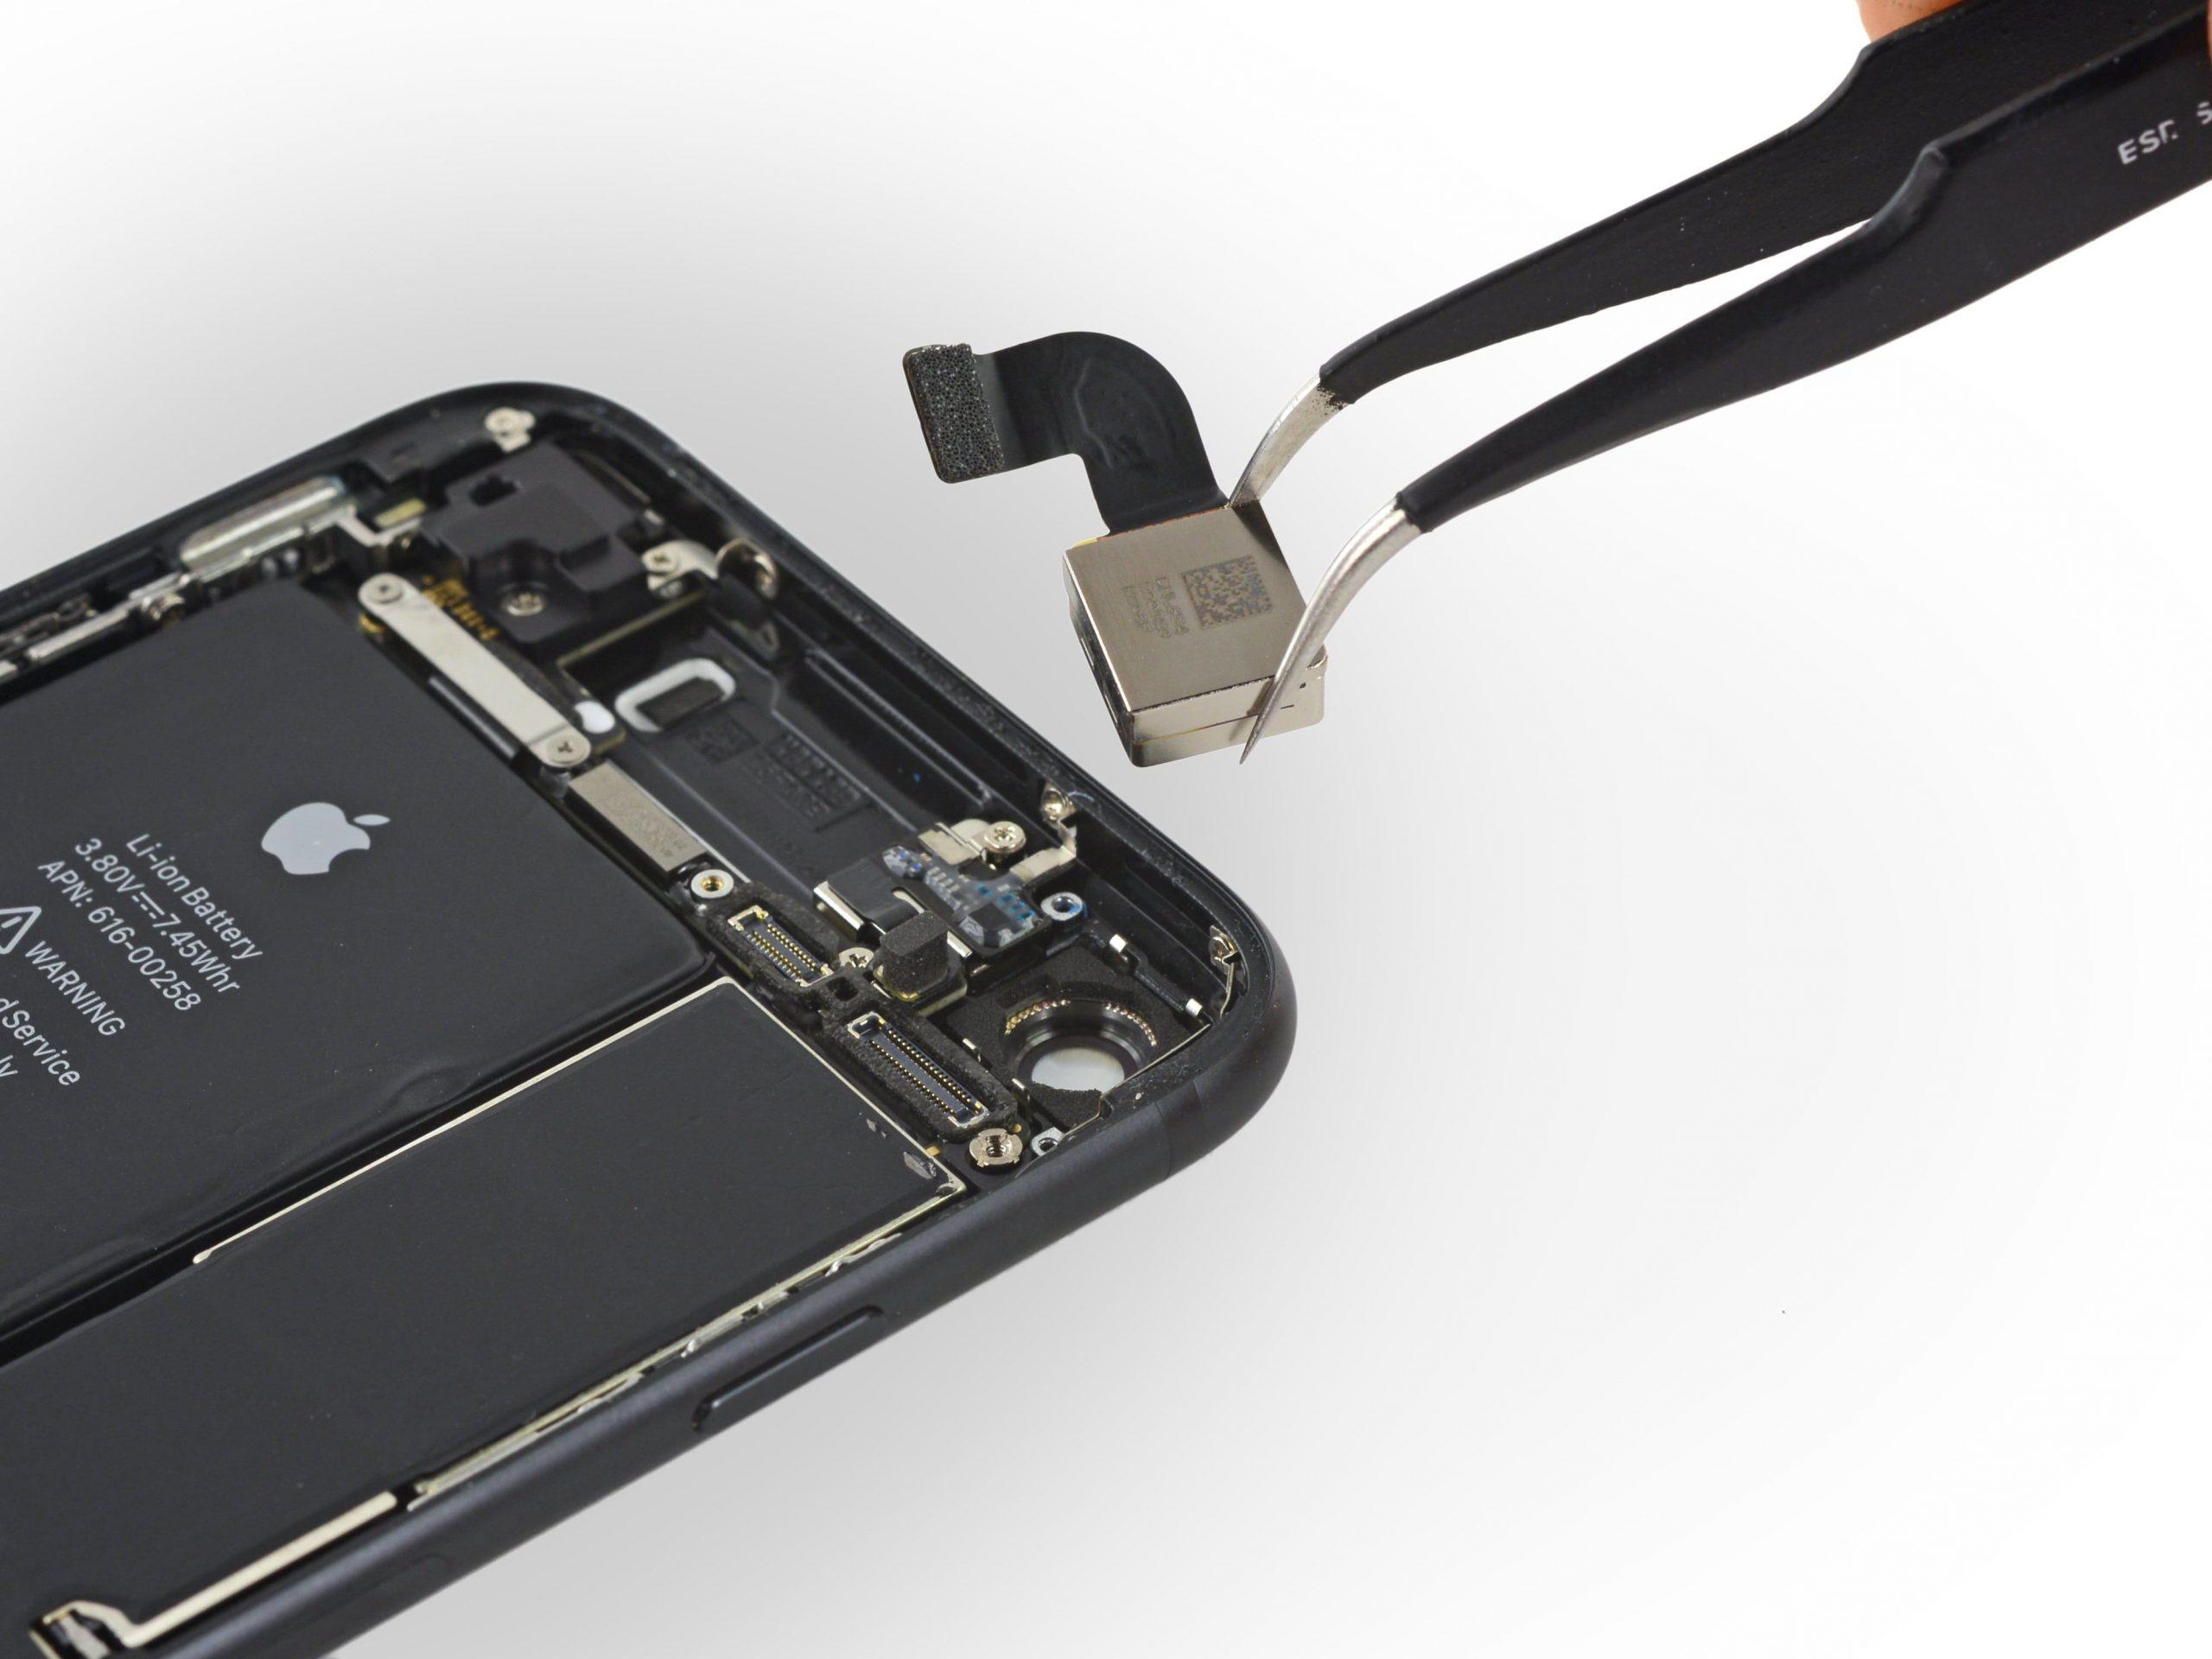 تعمیر آیفون و آیپد | تعمیرات Apple در تهران | گارانتی اپل